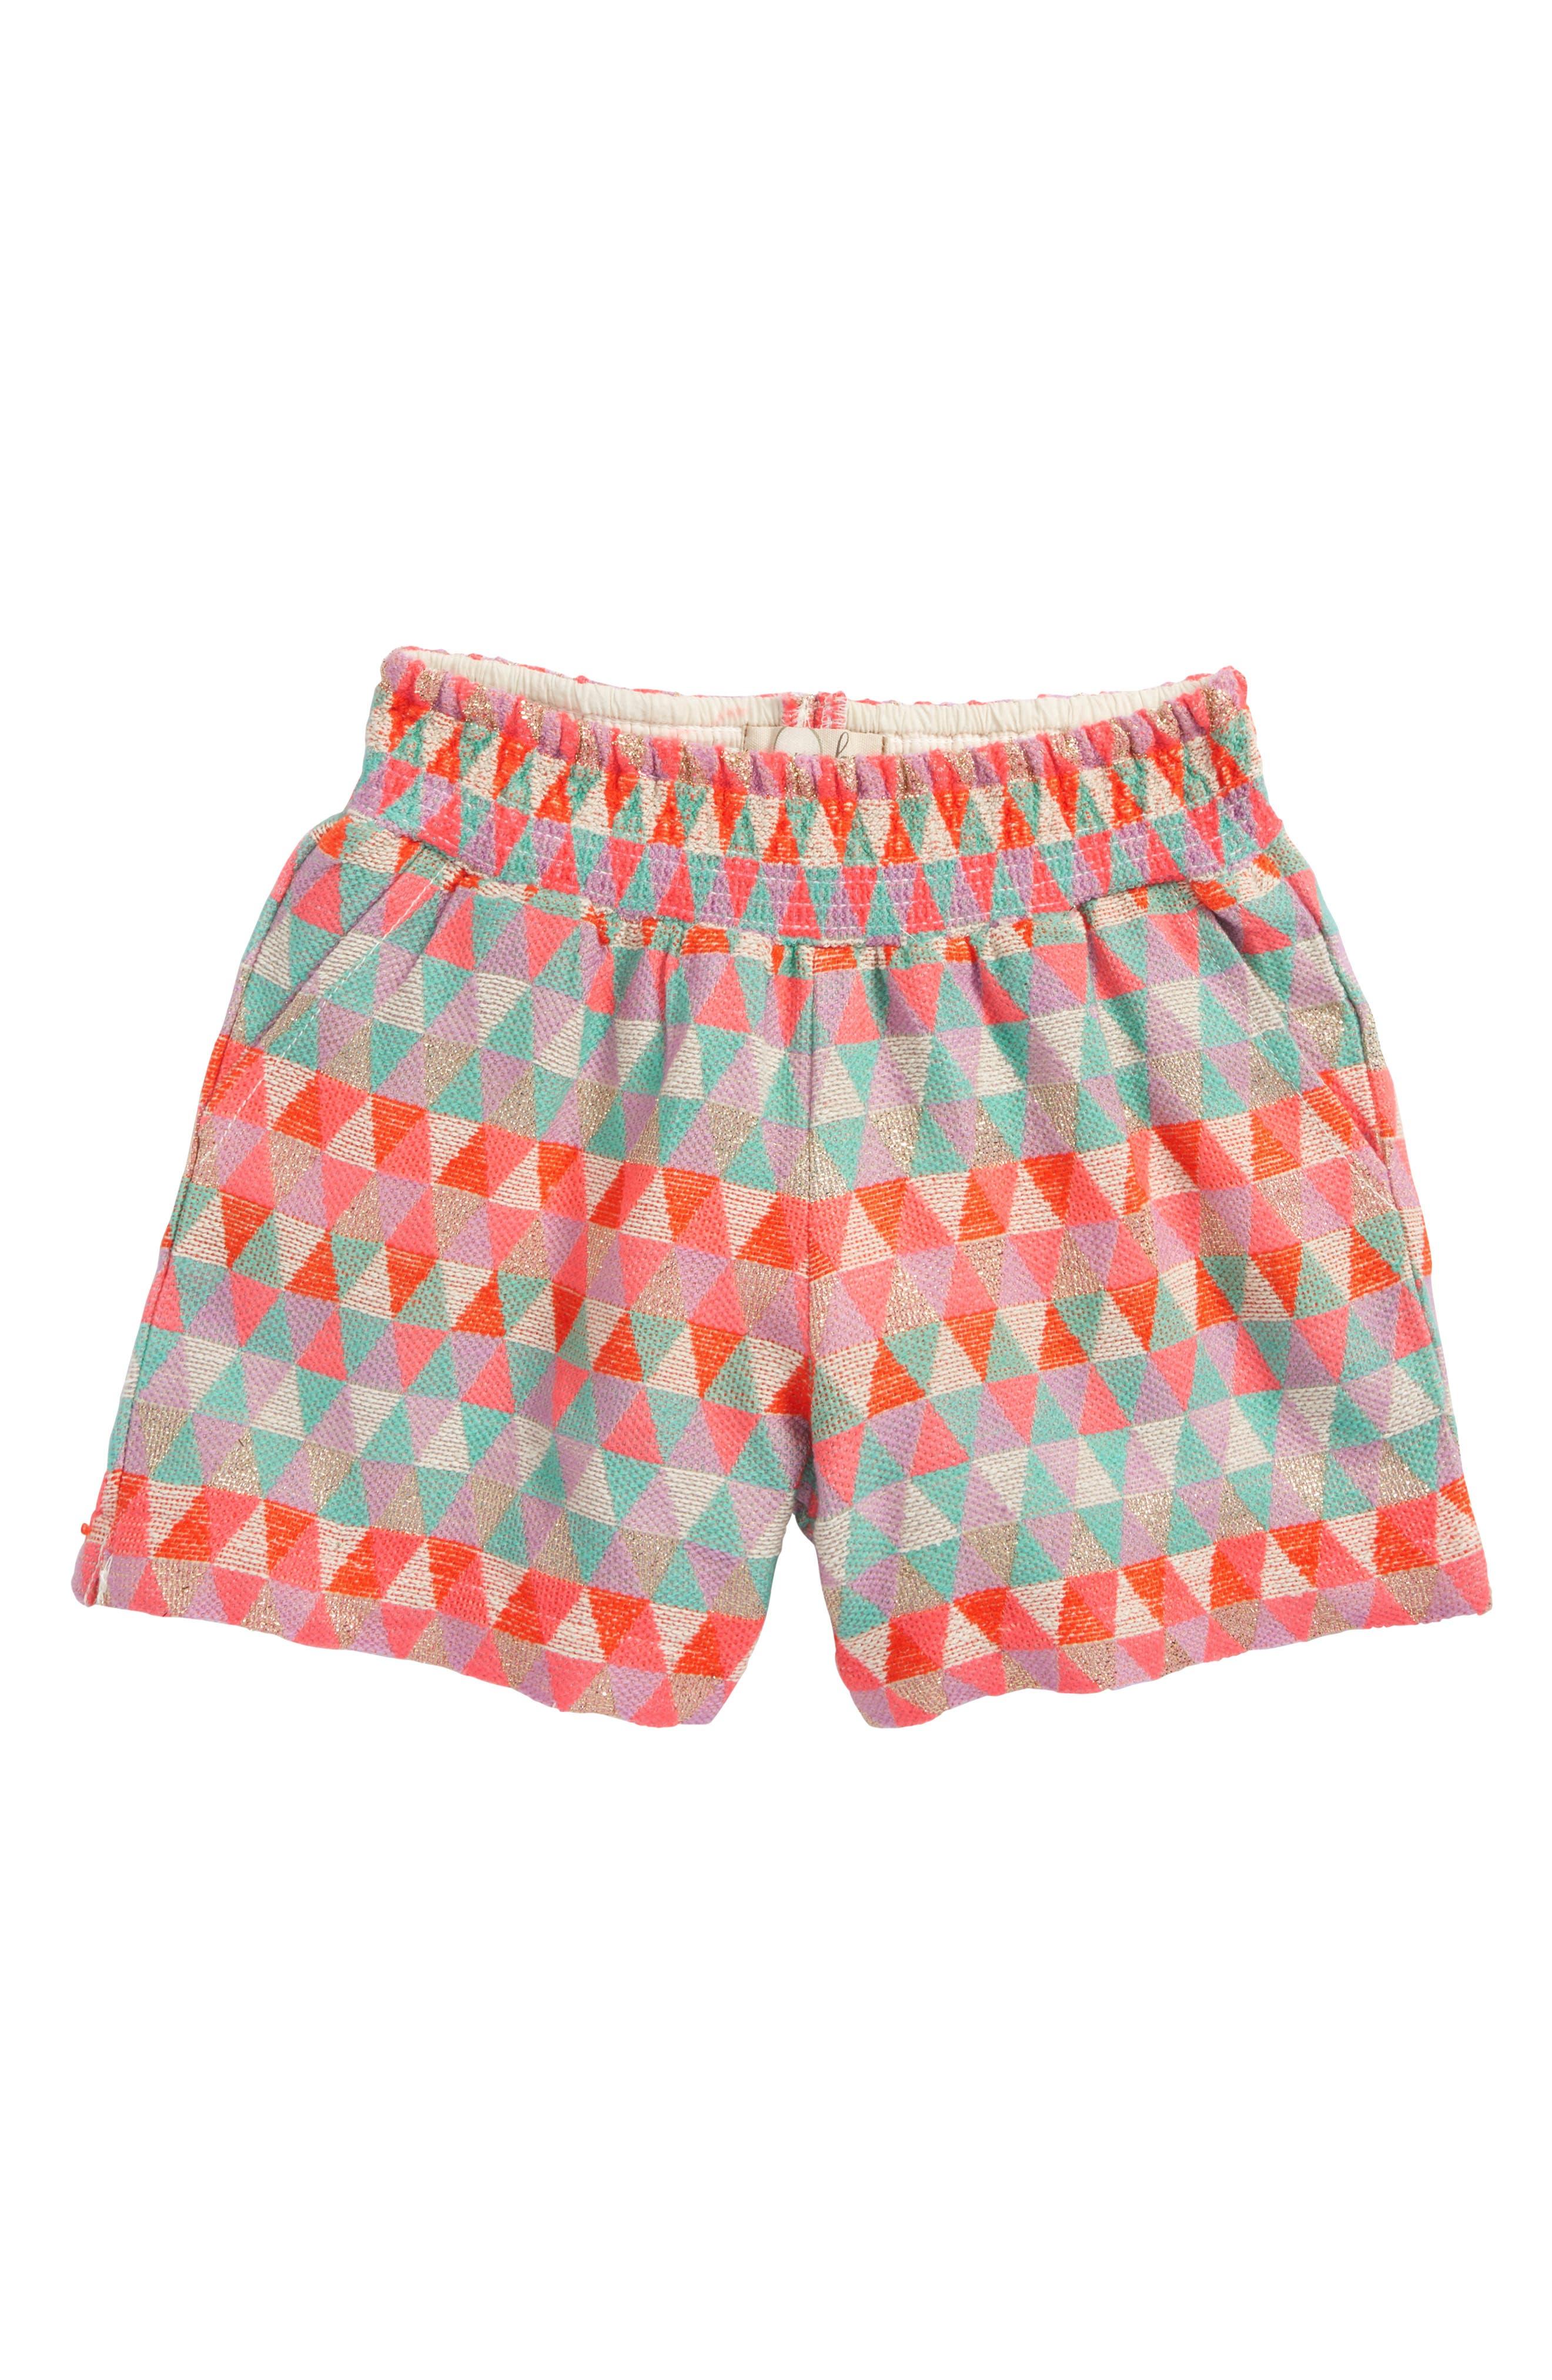 Mexico Shorts,                             Main thumbnail 1, color,                             950